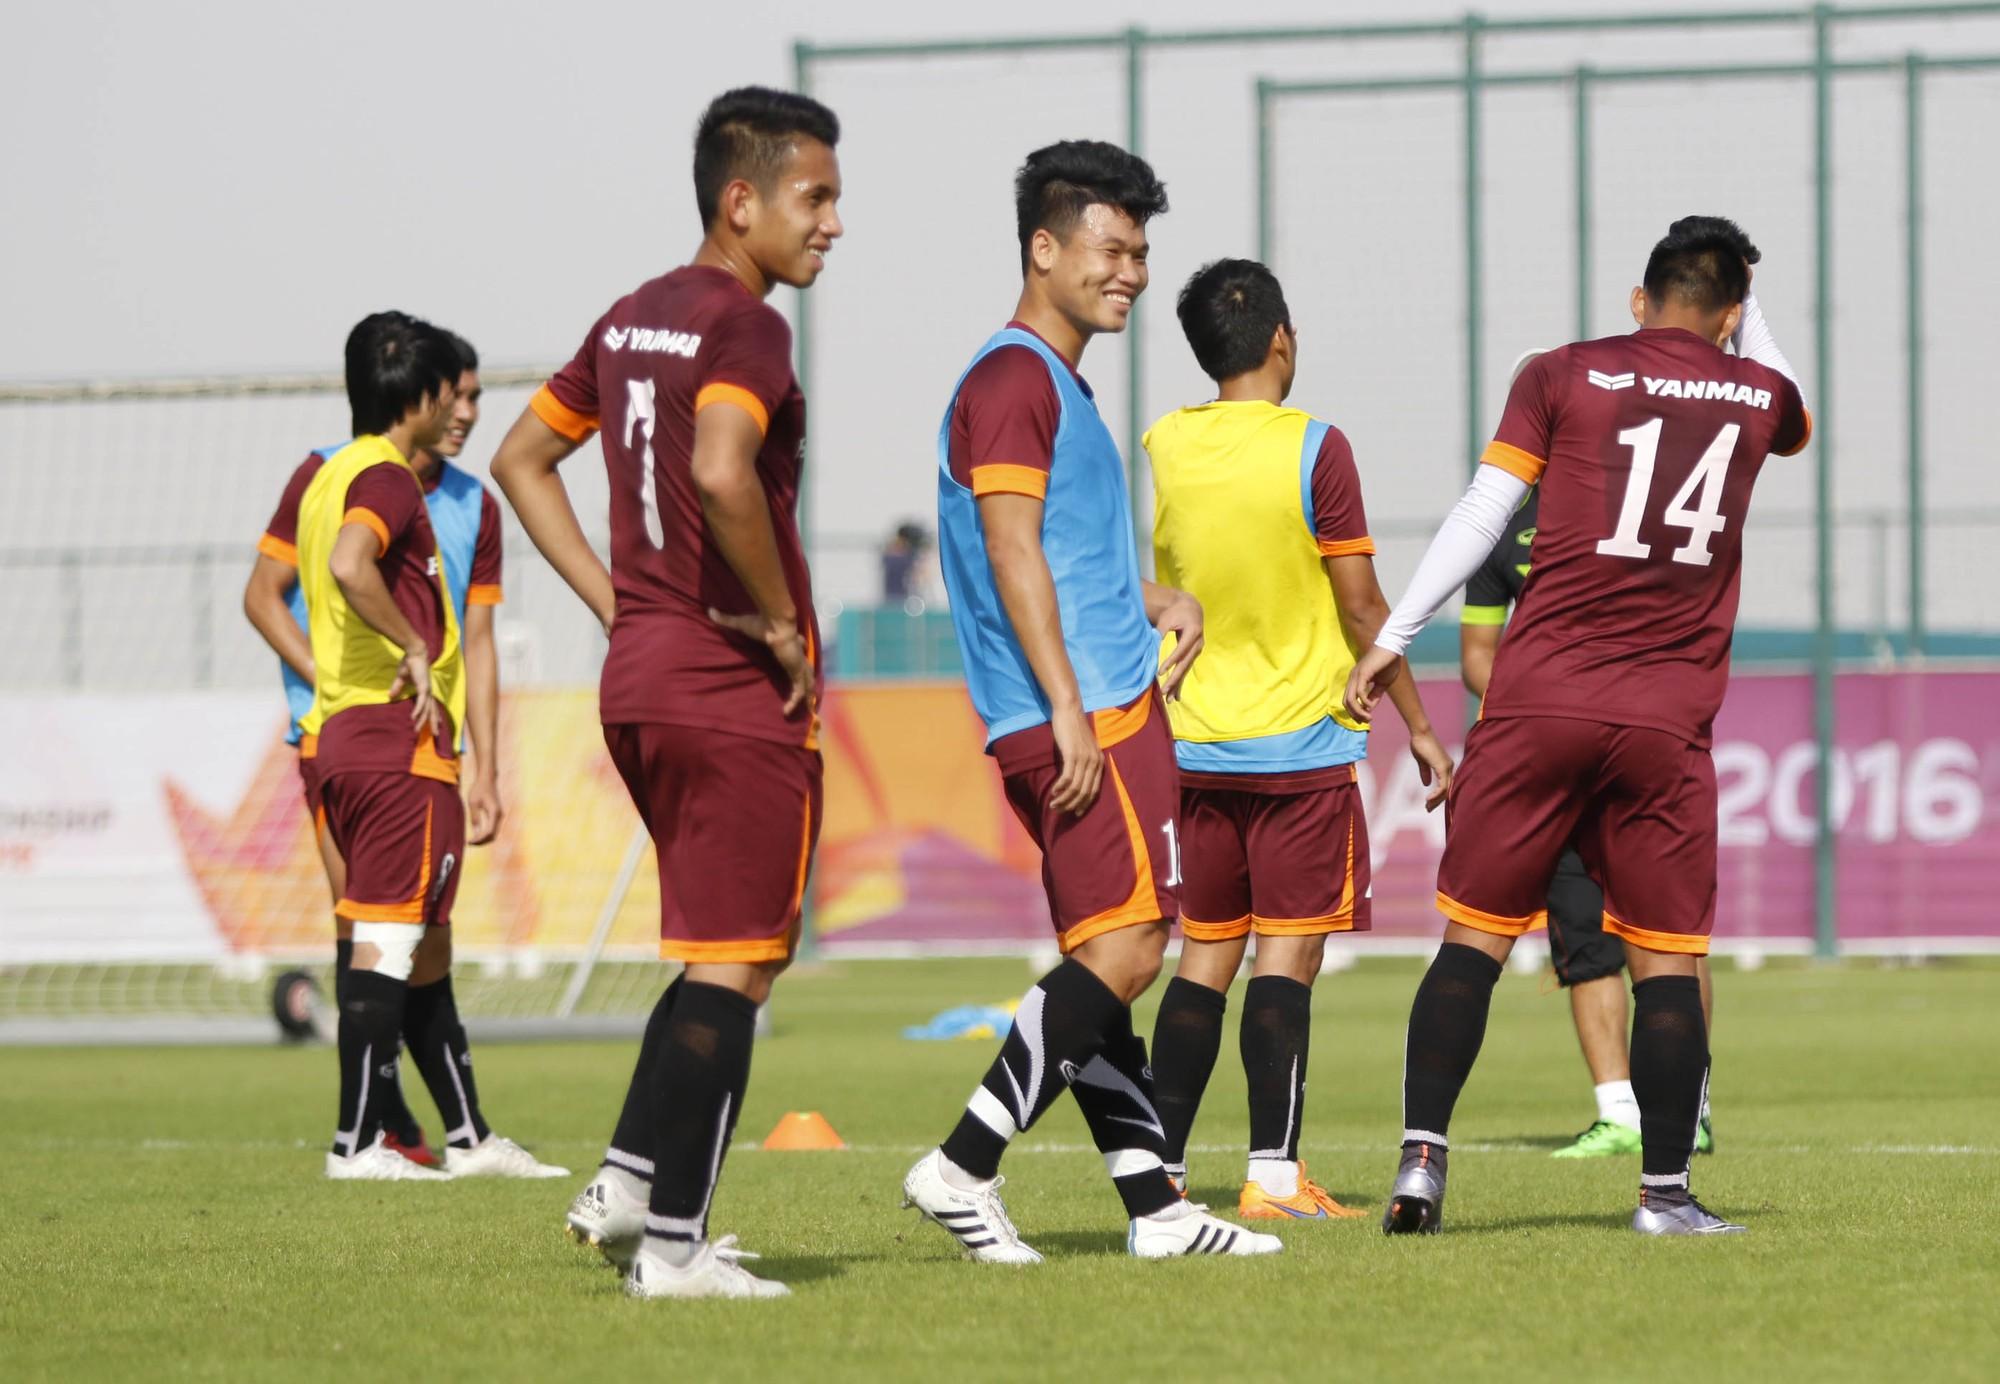 Dự kiến U.23 VN sẽ chốt danh sách 21 cầu thủ tham dự VCK U.23 châu Á sau buổi tập tối nay (10/01)